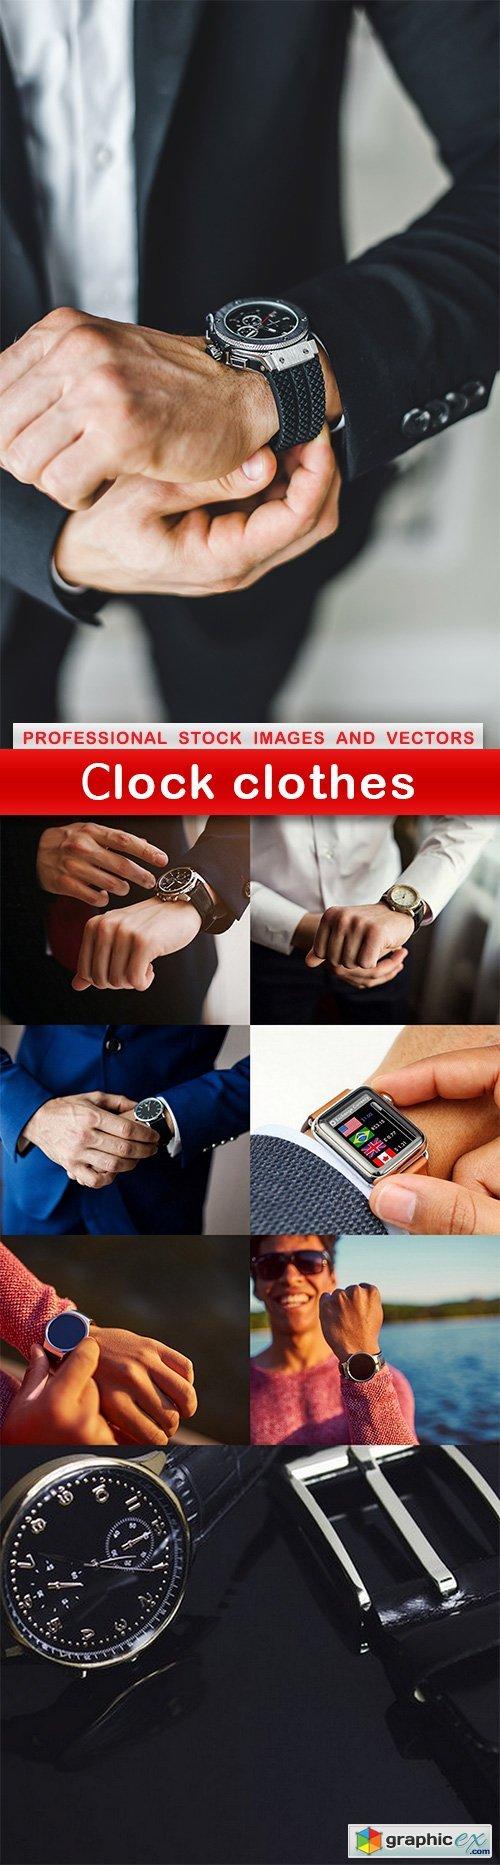 Сlock clothes - 8 UHQ JPEG